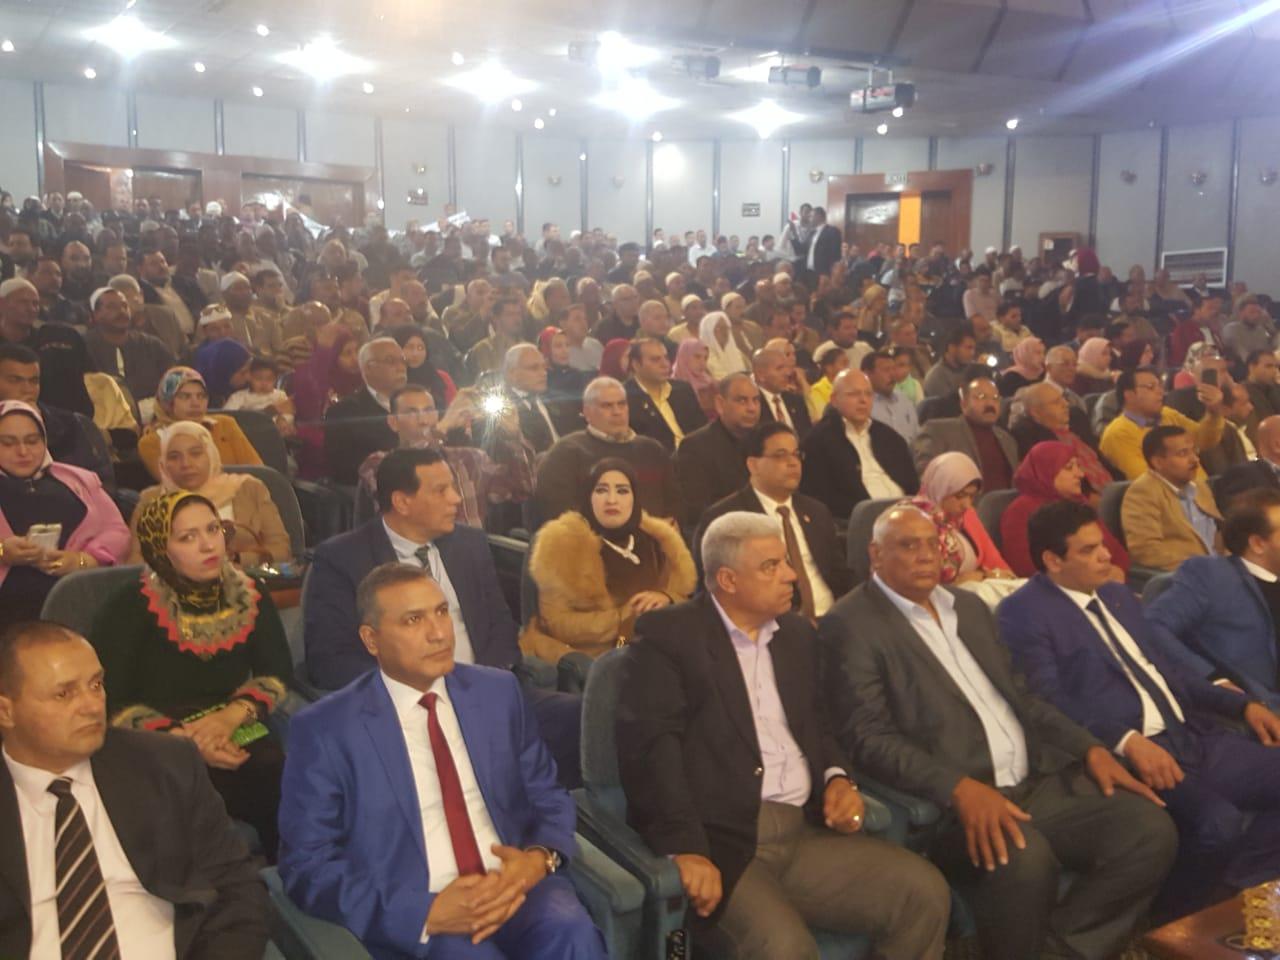 مؤتمر لحزب الحرية لدعم التعديلات الدستورية